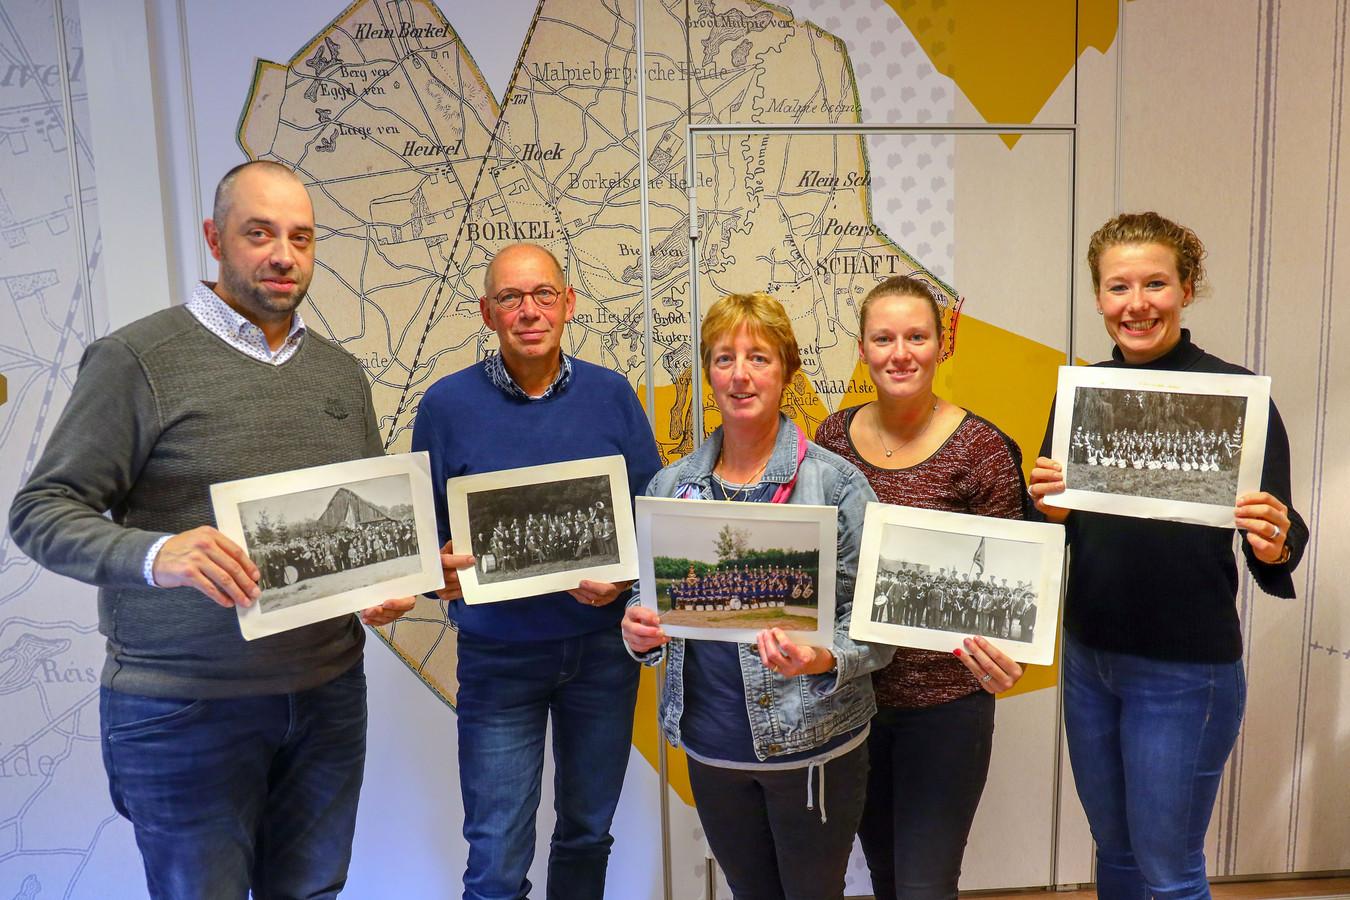 Fanfare EMOS bestaat 100 jaar. Nol Kijken, Bernard Baken, Annemie Gerritsen, Danique de Krom en Mariëlle Schellekens (v.l.n.r.) zijn bezig met activiteiten organiseren.